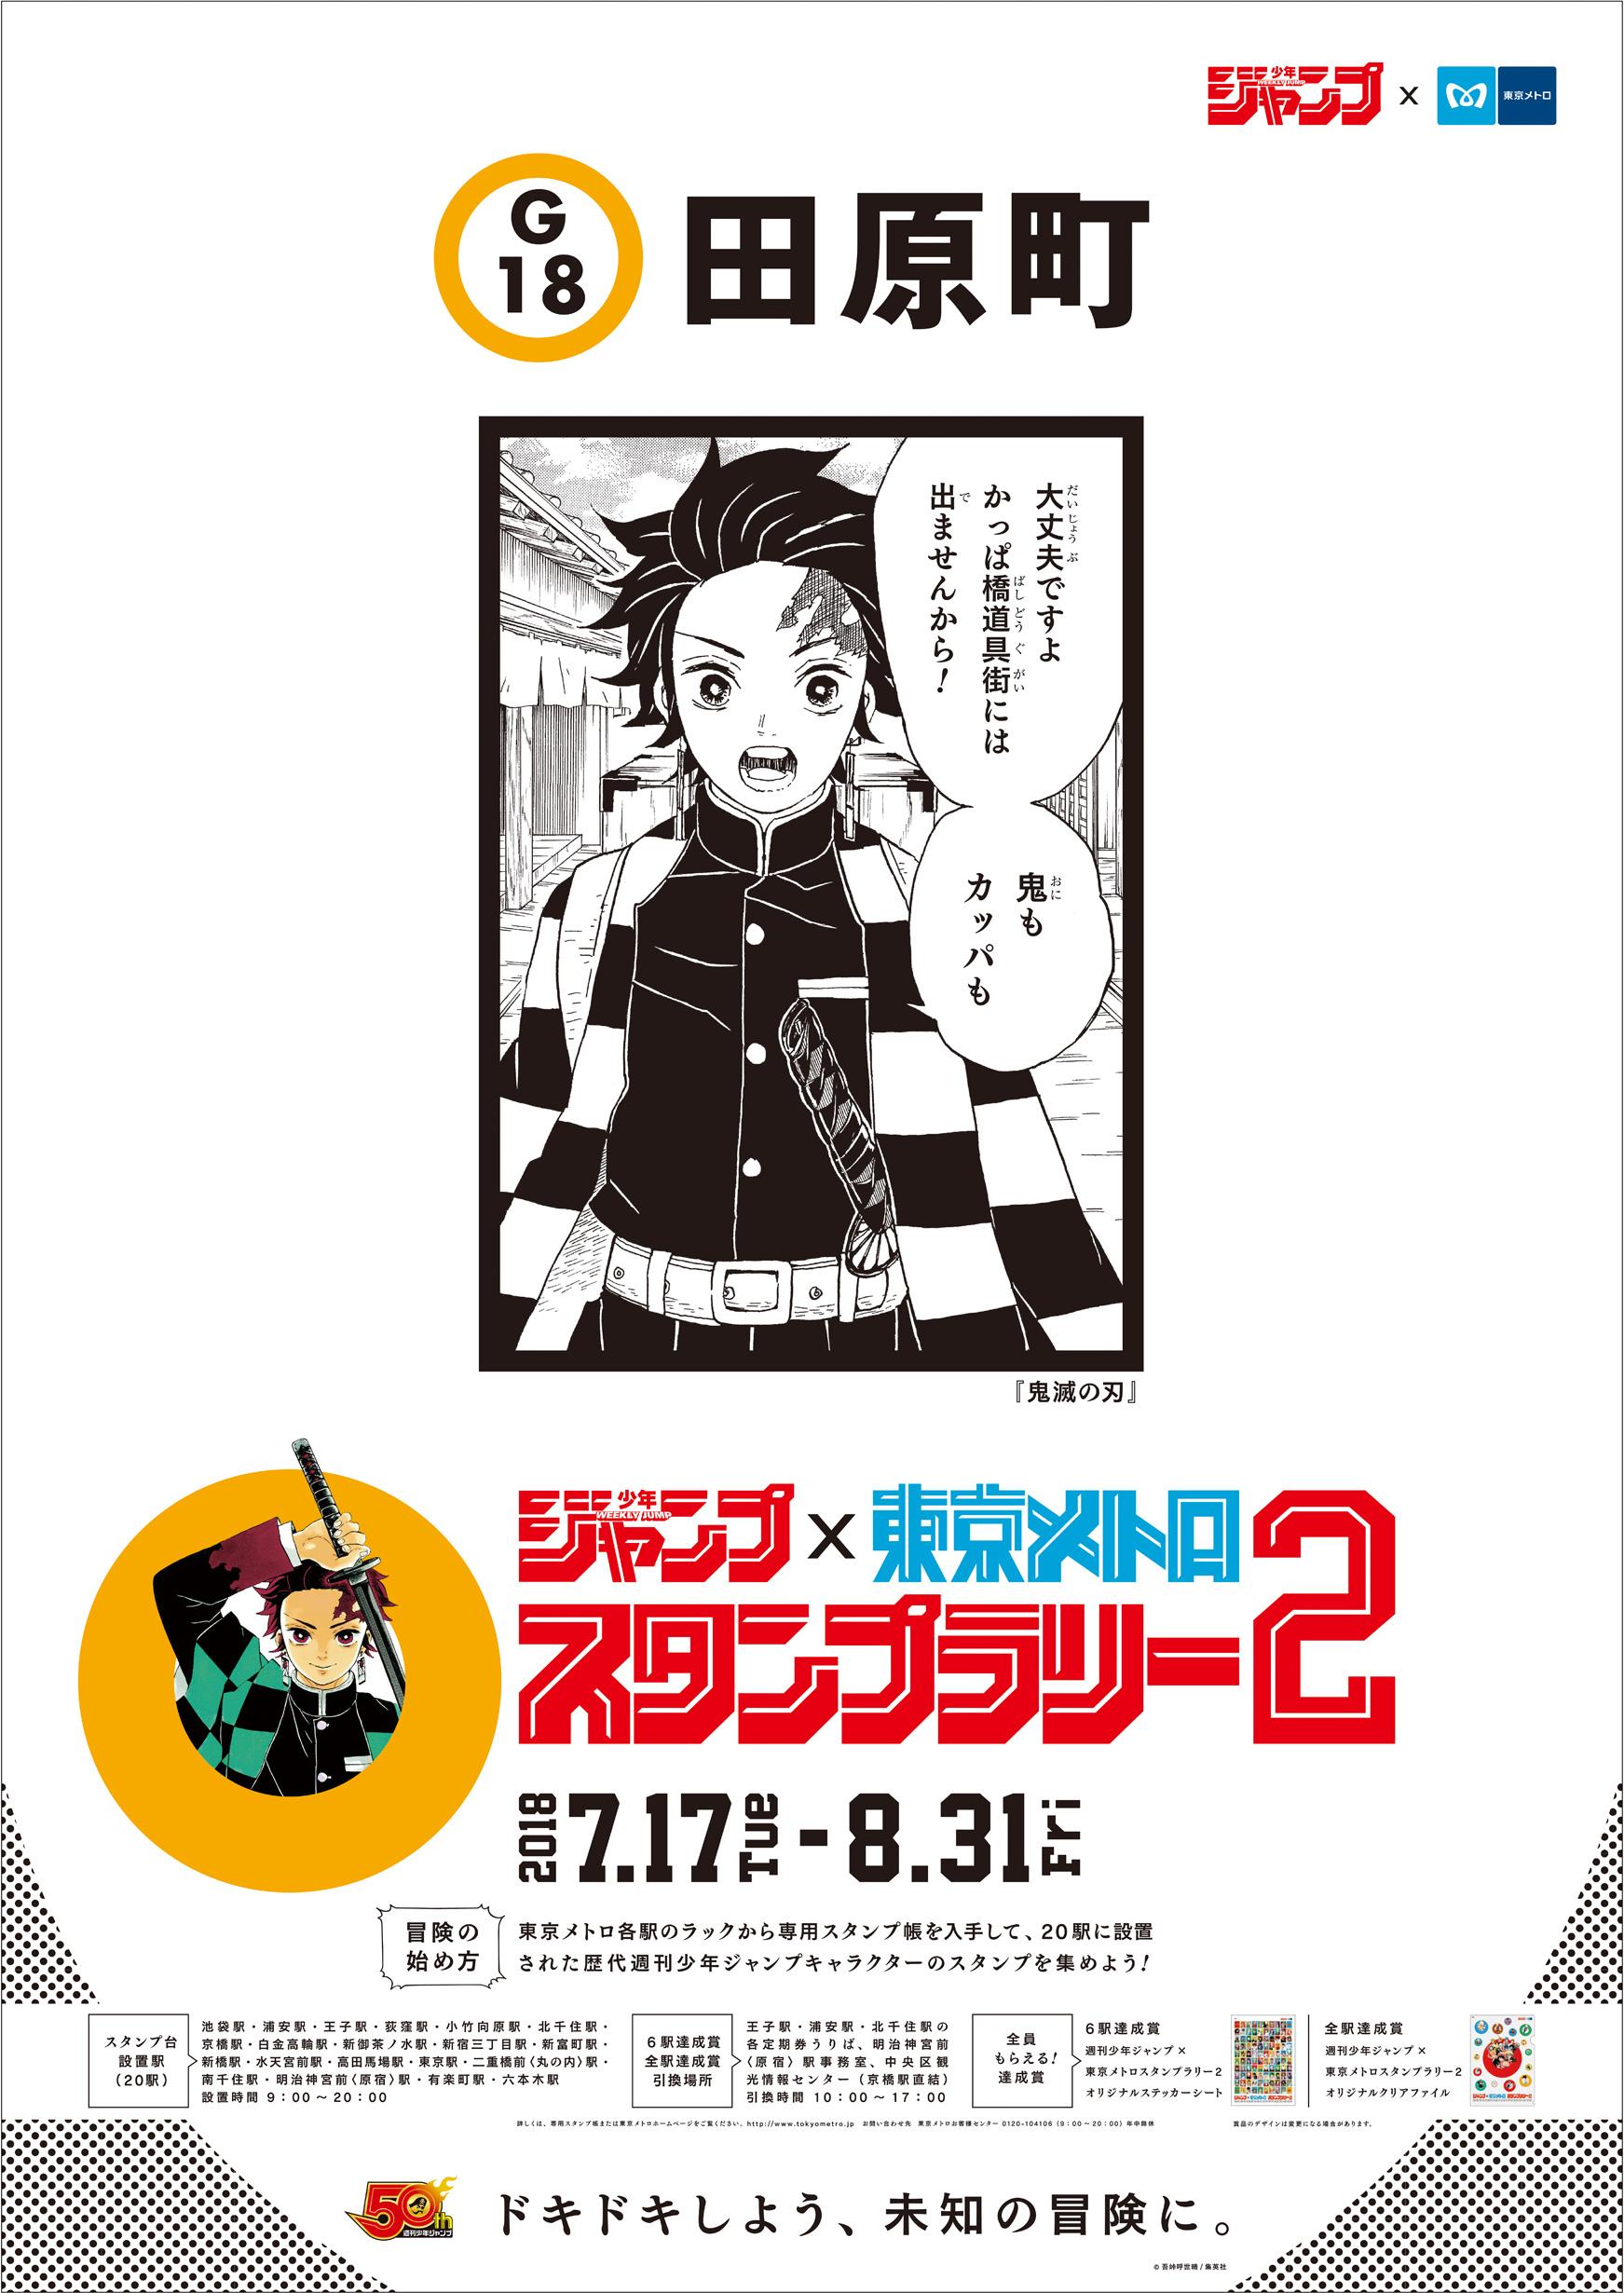 田町駅に張り出されるポスターも『鬼滅の刃』 (C)吾峠呼世晴/集英社